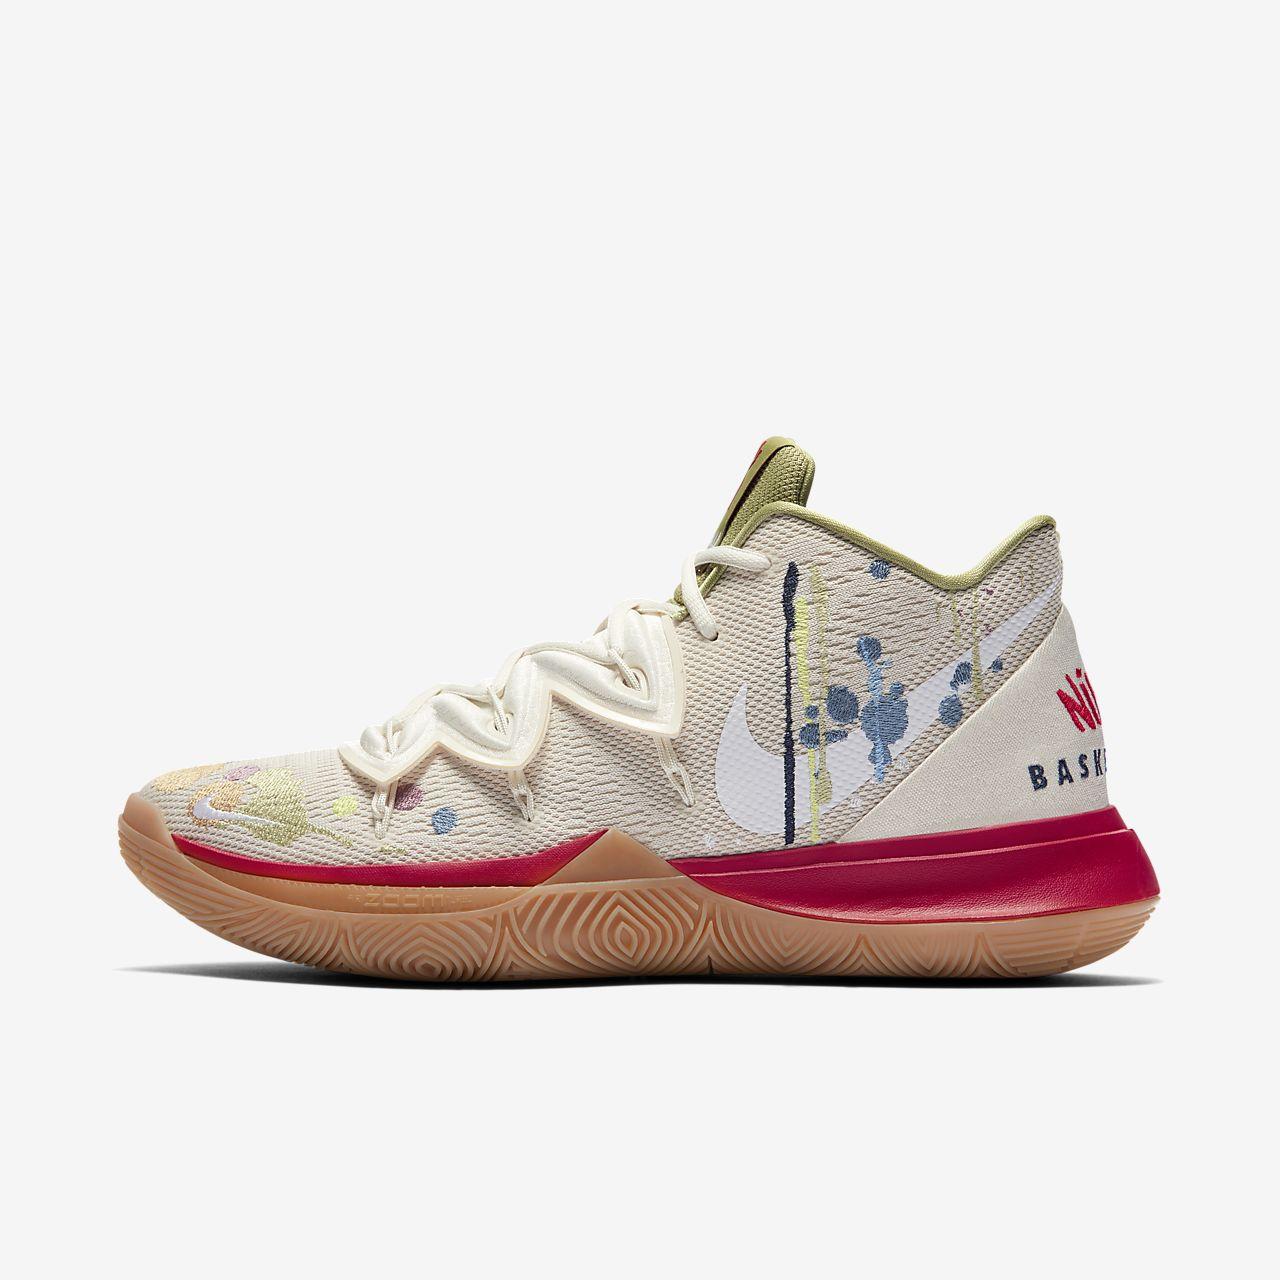 Баскетбольные кроссовки Kyrie 5 x Bandulu